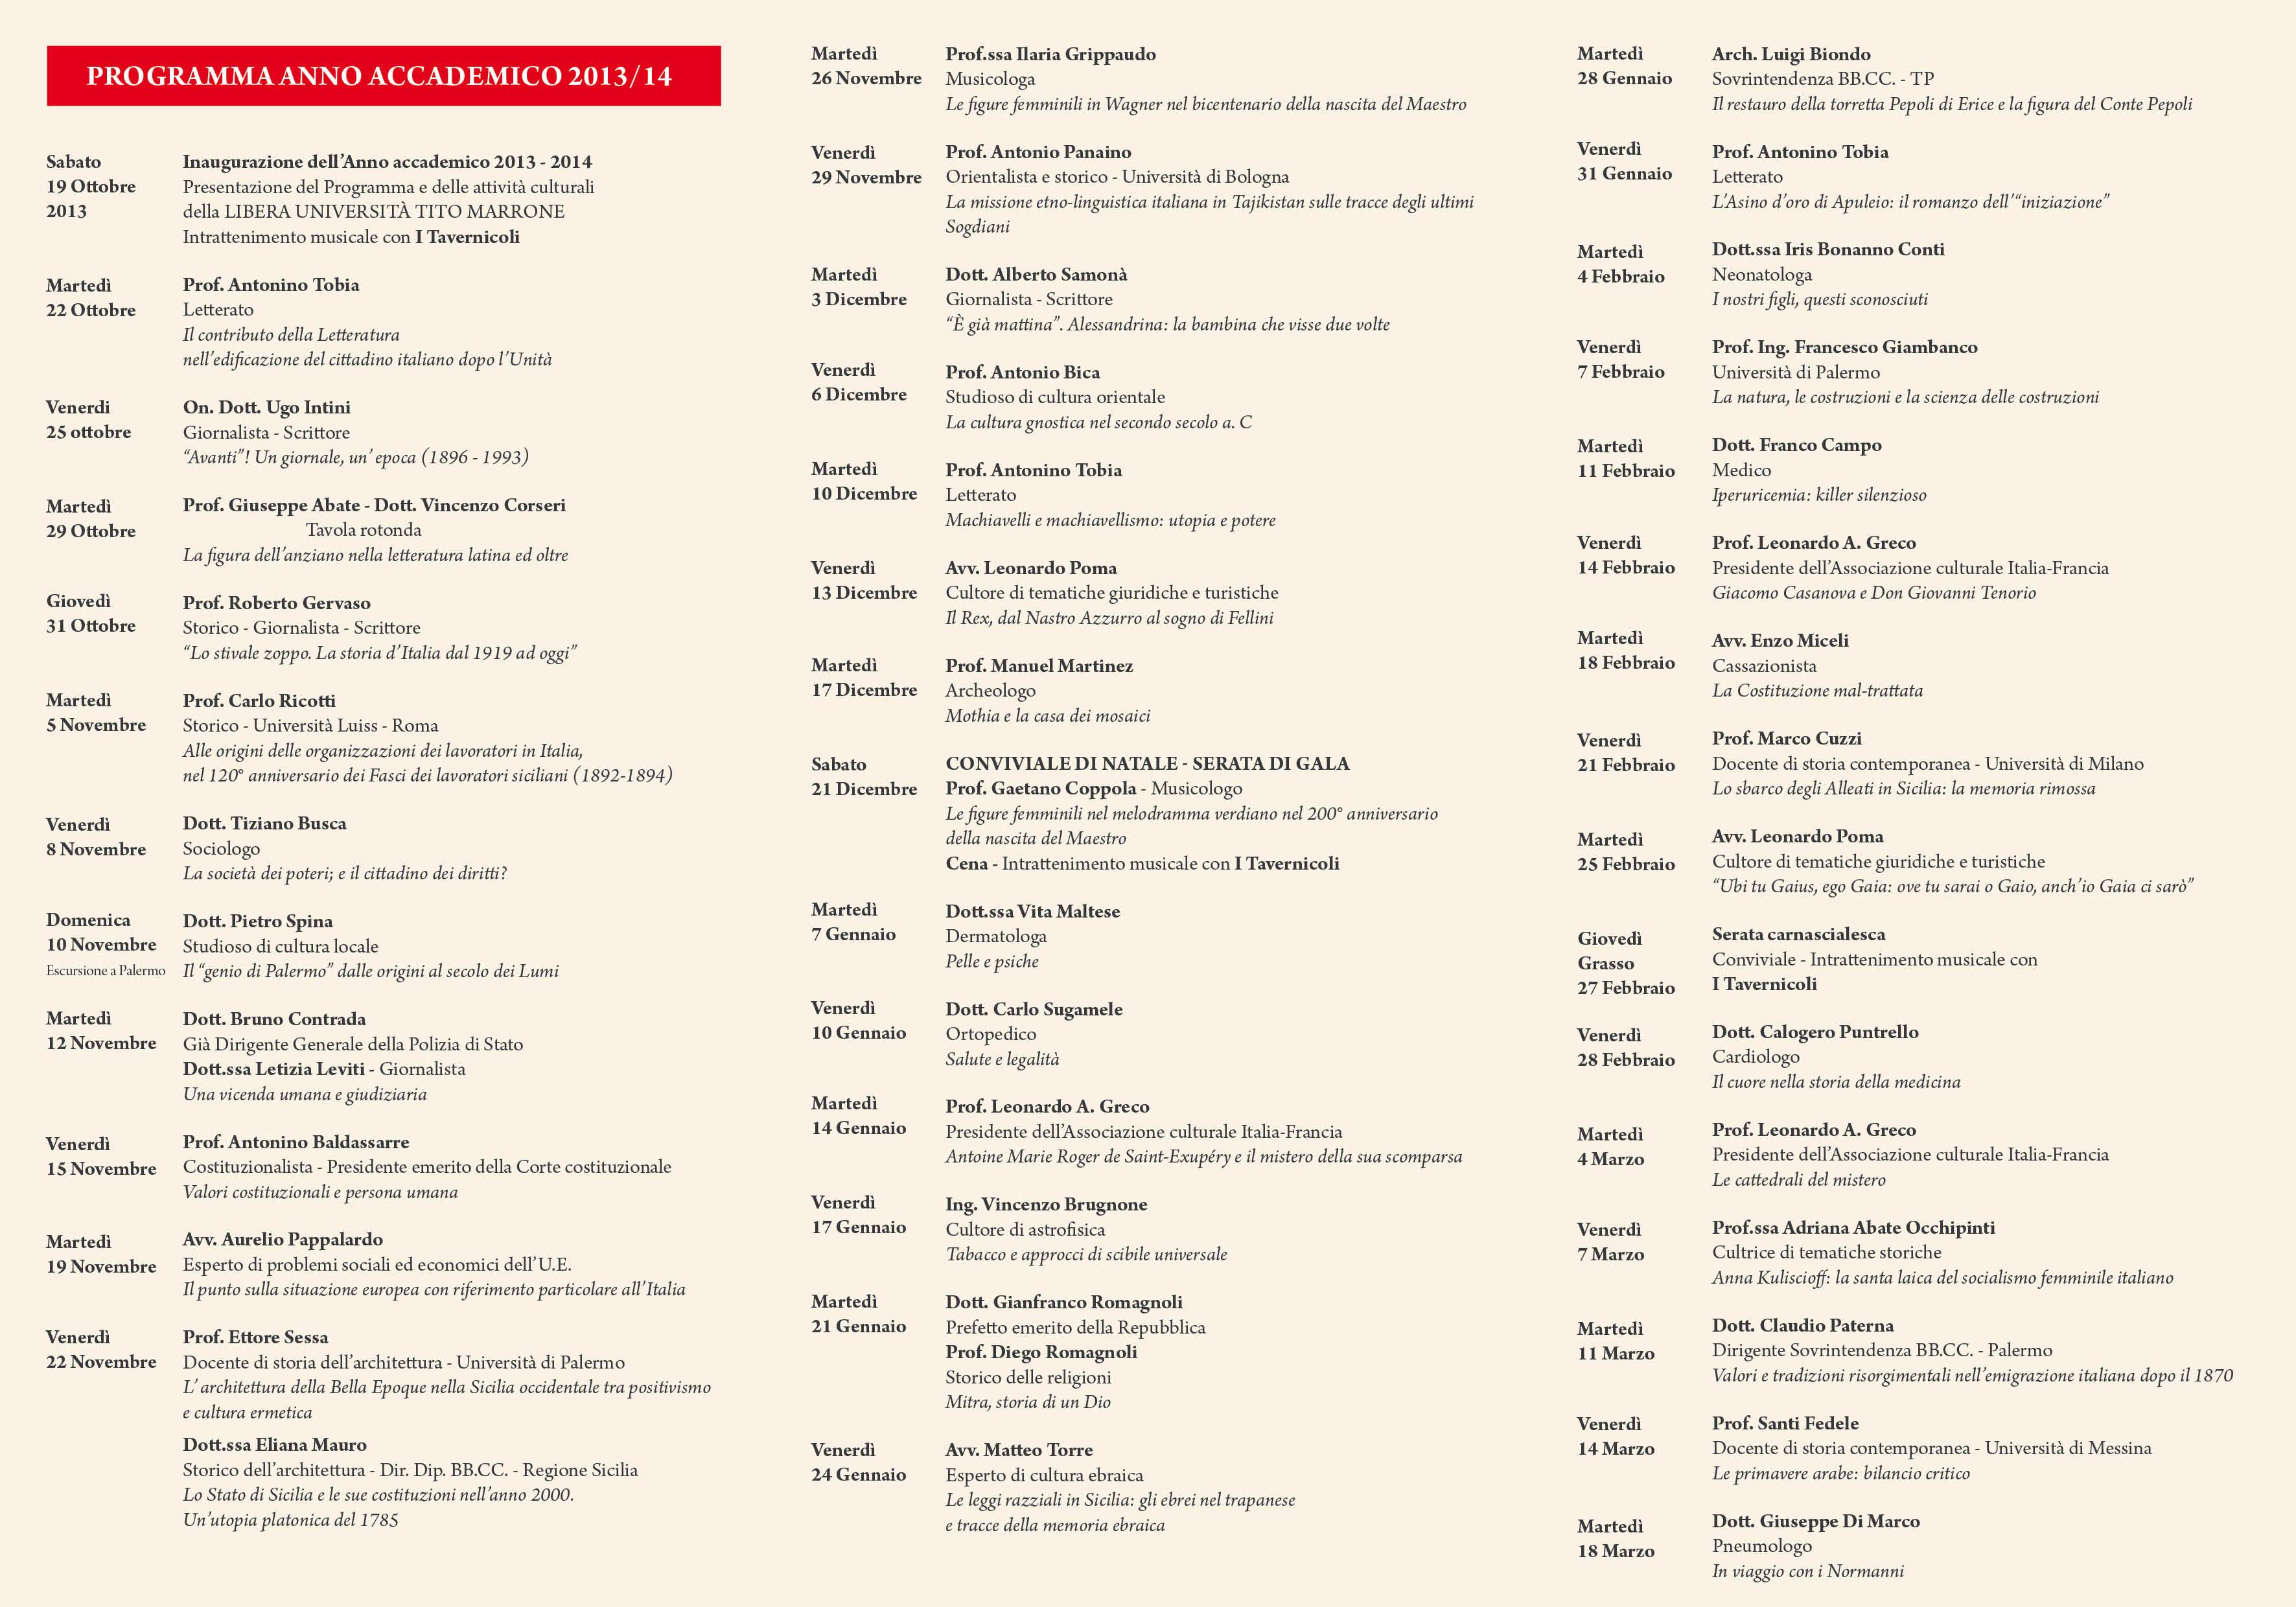 Calendario Anno 2014.Calendario Anno Accademico 2013 2014 Libera Universita